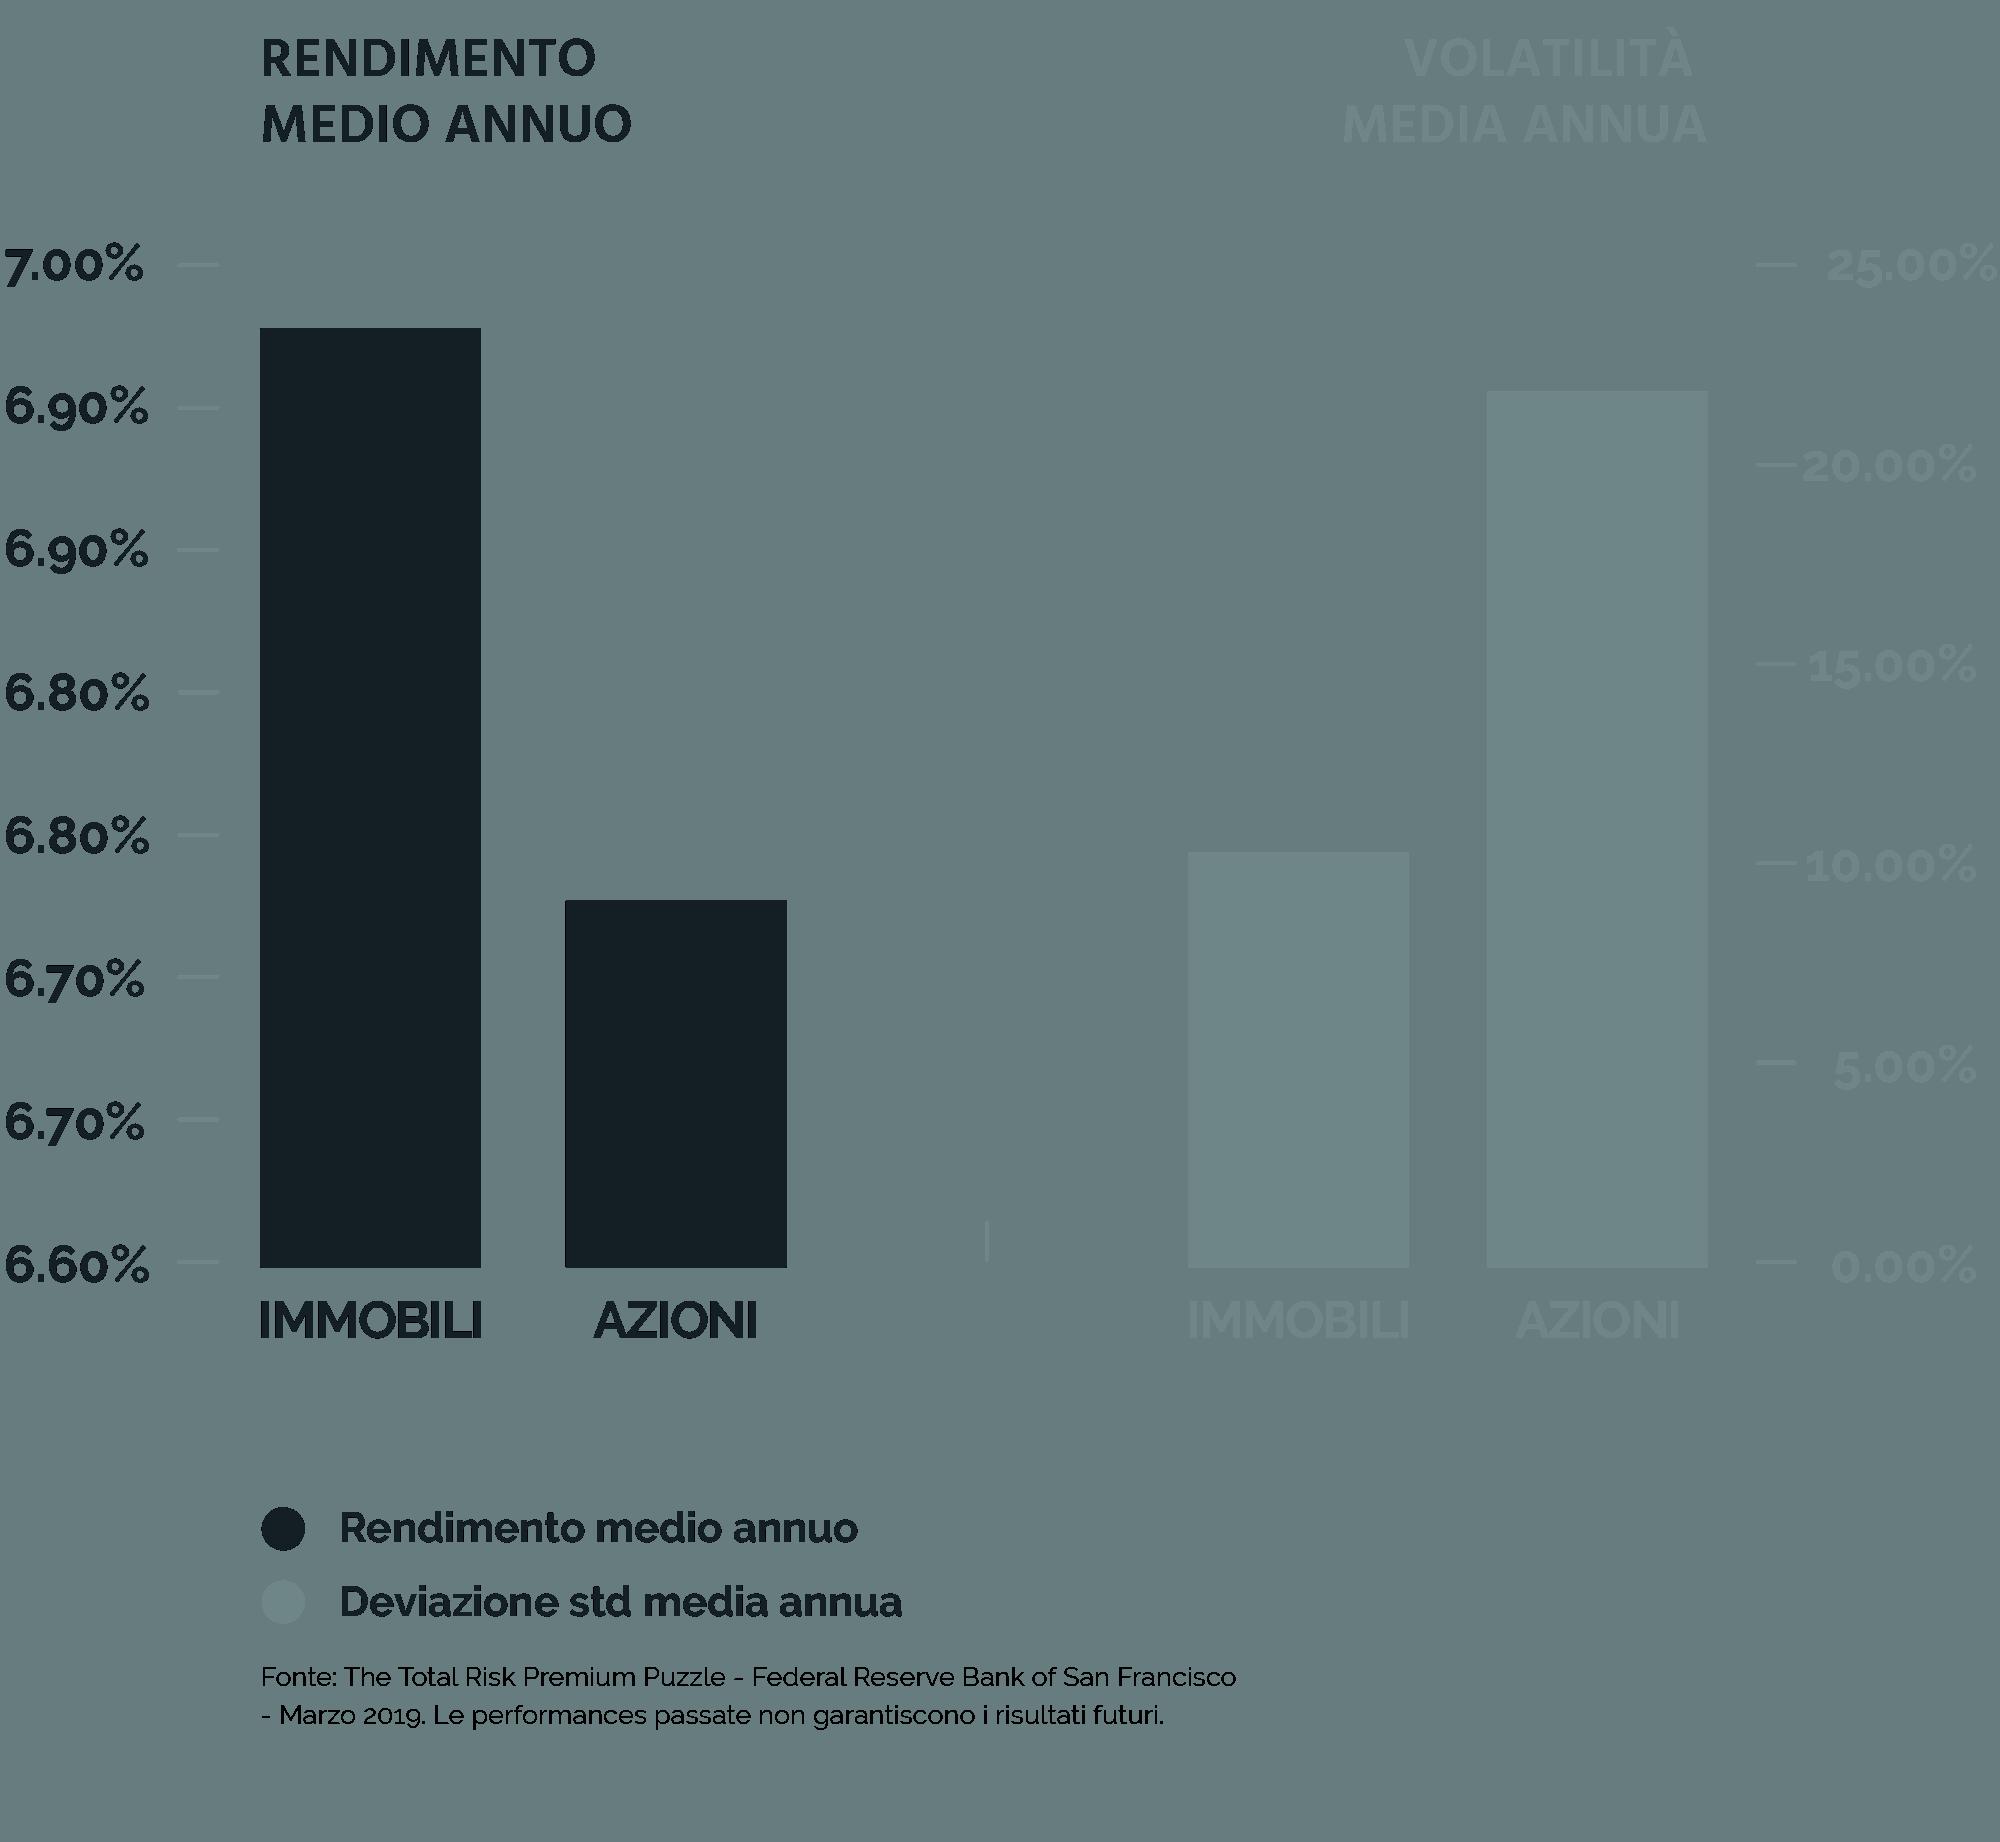 Investire in immobili o azioni